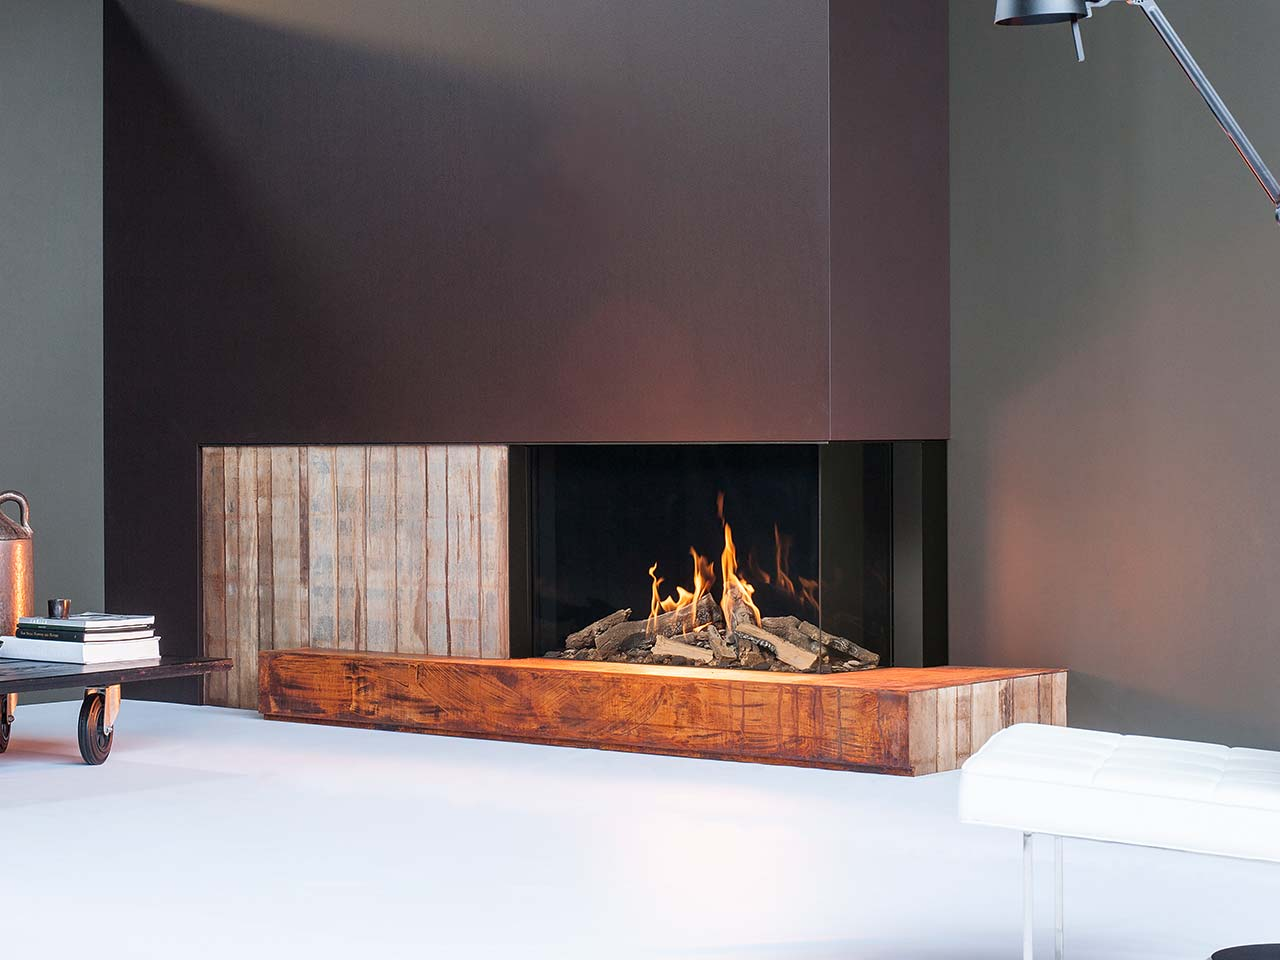 Faber Gaskamin Matrix 1050/650 mit Holzverkleidung, großer Scheibe und realistischen Holzimitaten.